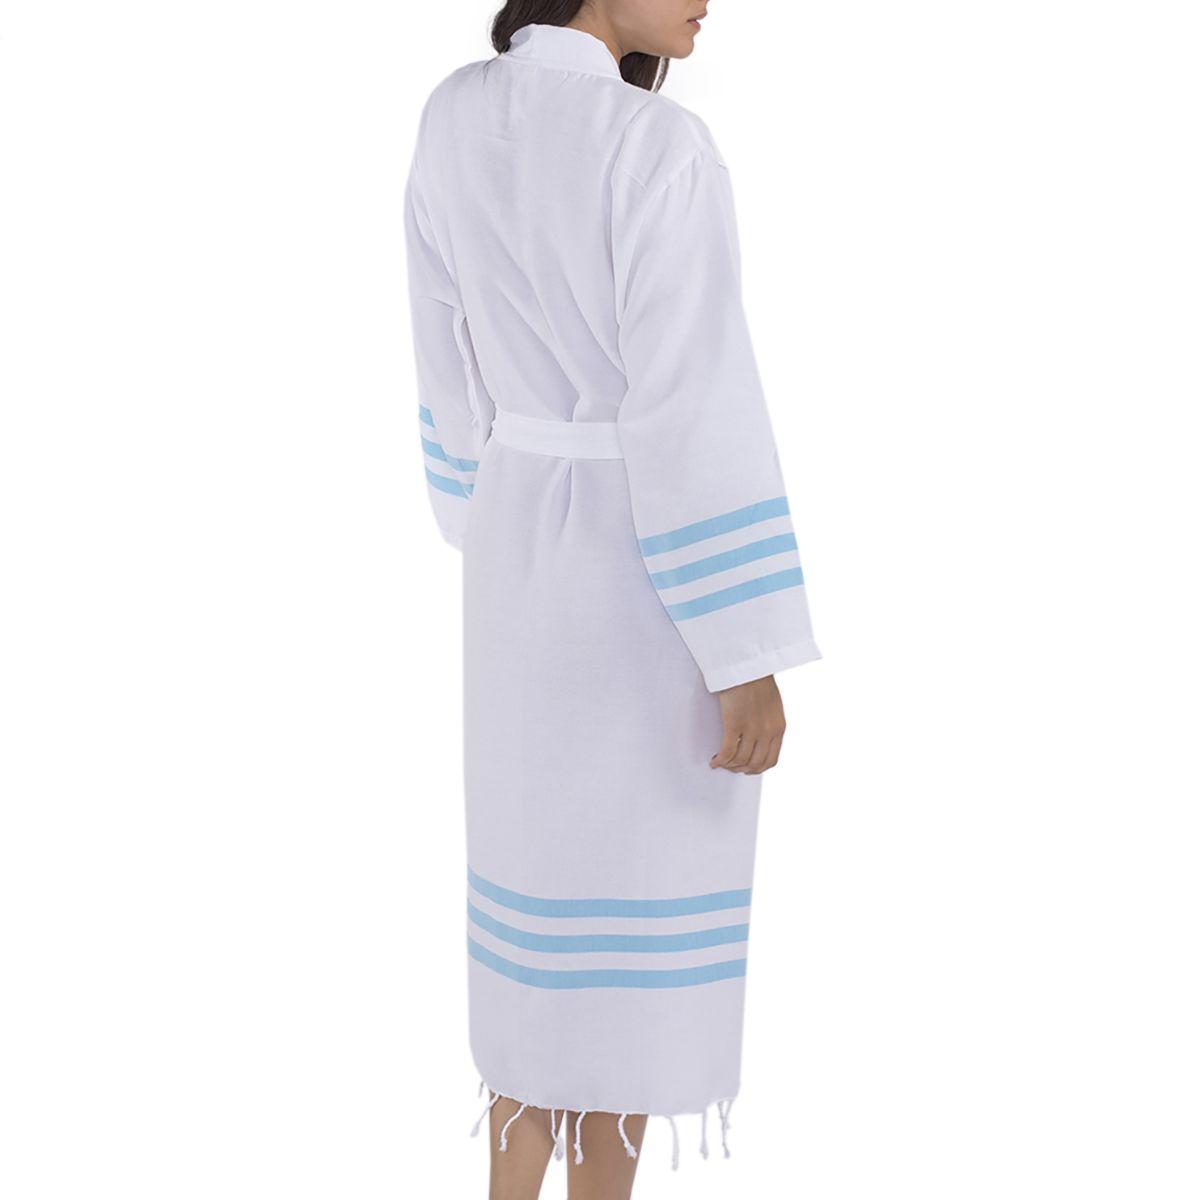 Bathrobe Bala Sultan kimono - Turquoise Stripes